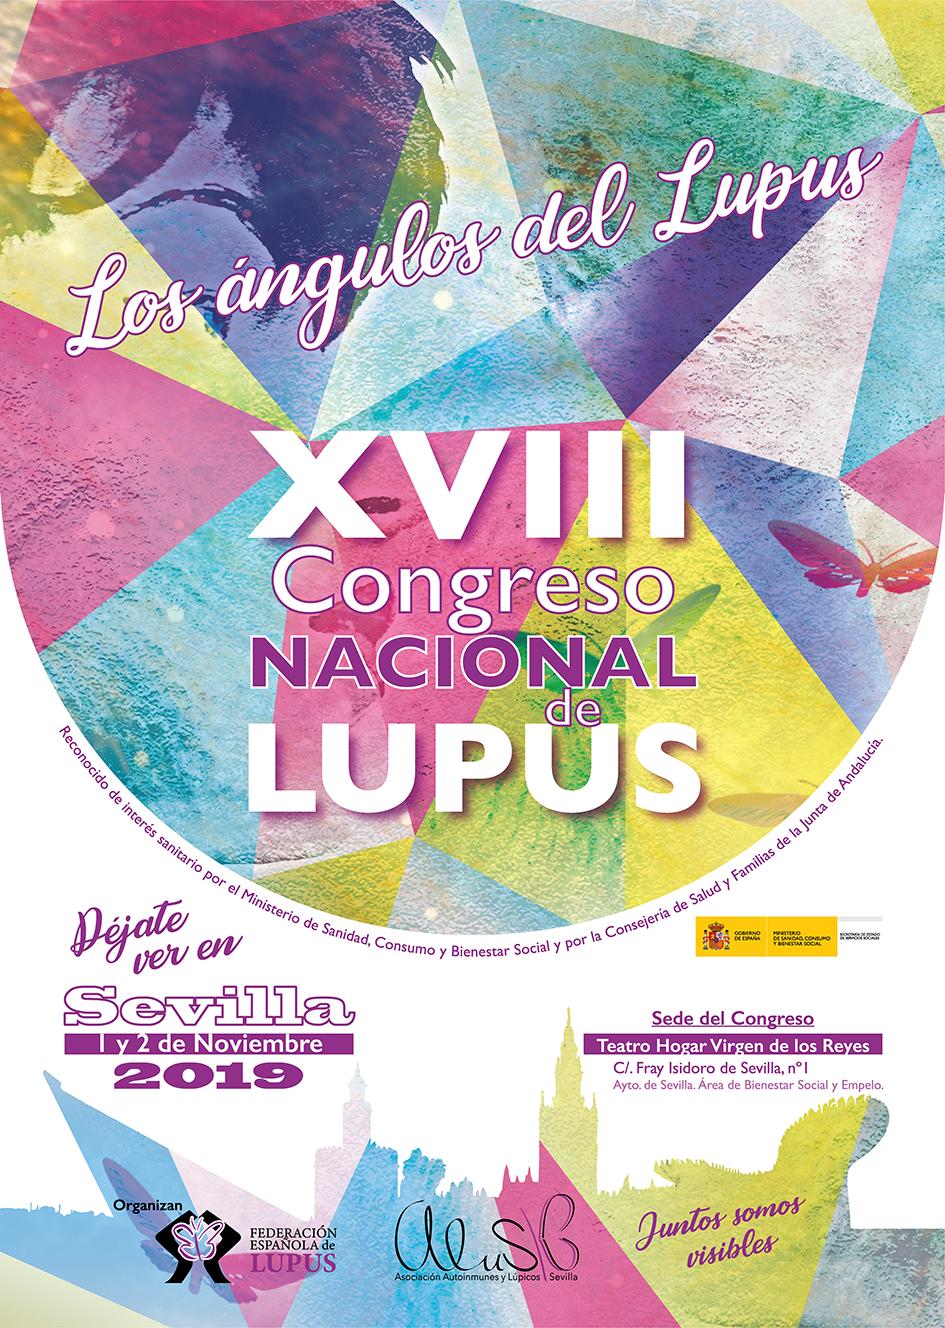 Cartel XVIII Congreso - Los pacientes de lupus se reúnen en el Congreso Nacional del 1 y 2 de noviembre